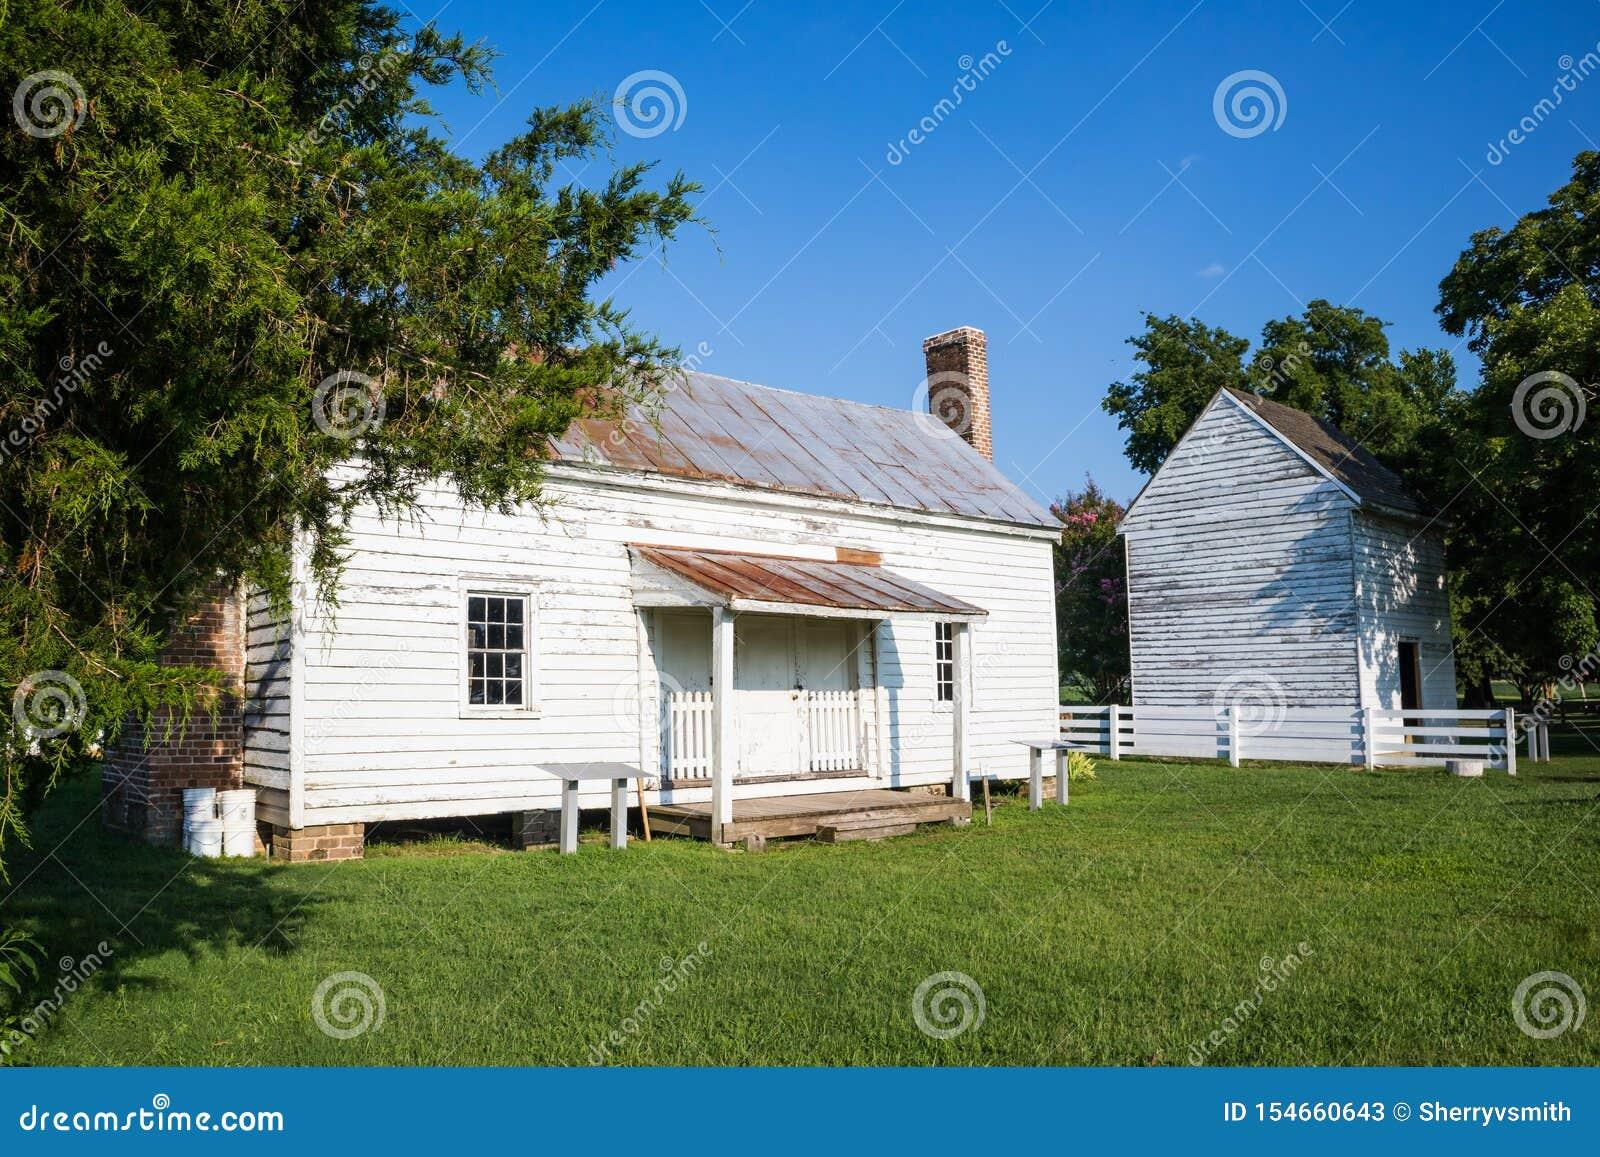 Konservierten Sklave Cabin At Bacons Schloss in Surry, VA